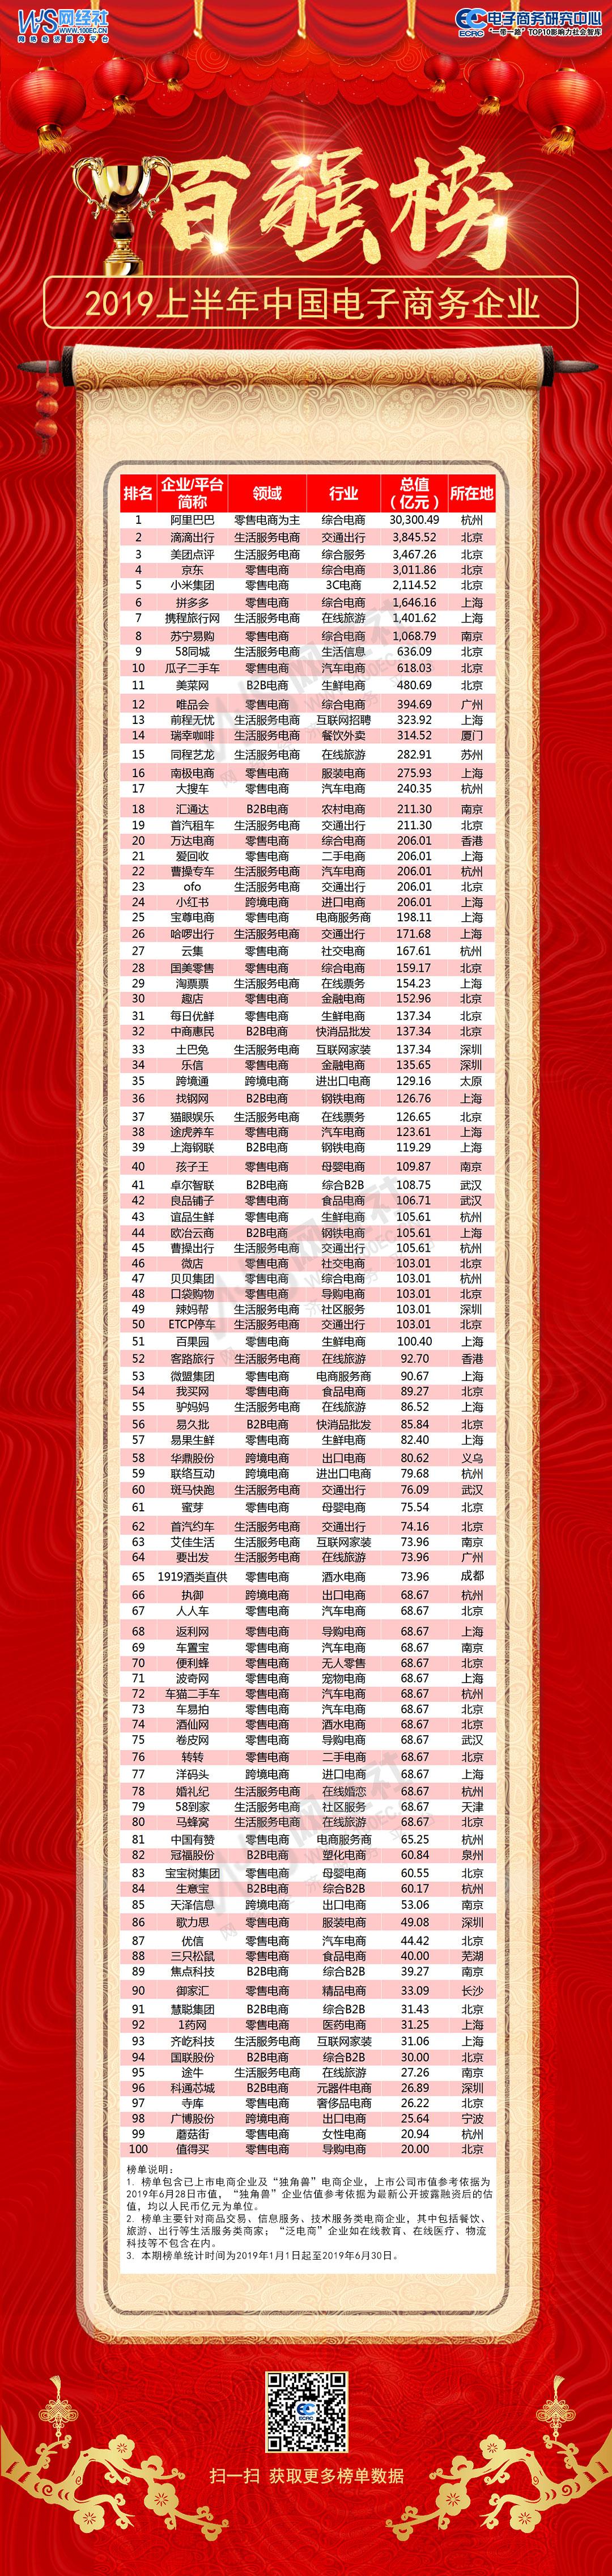 电子商务企业百强榜.jpg